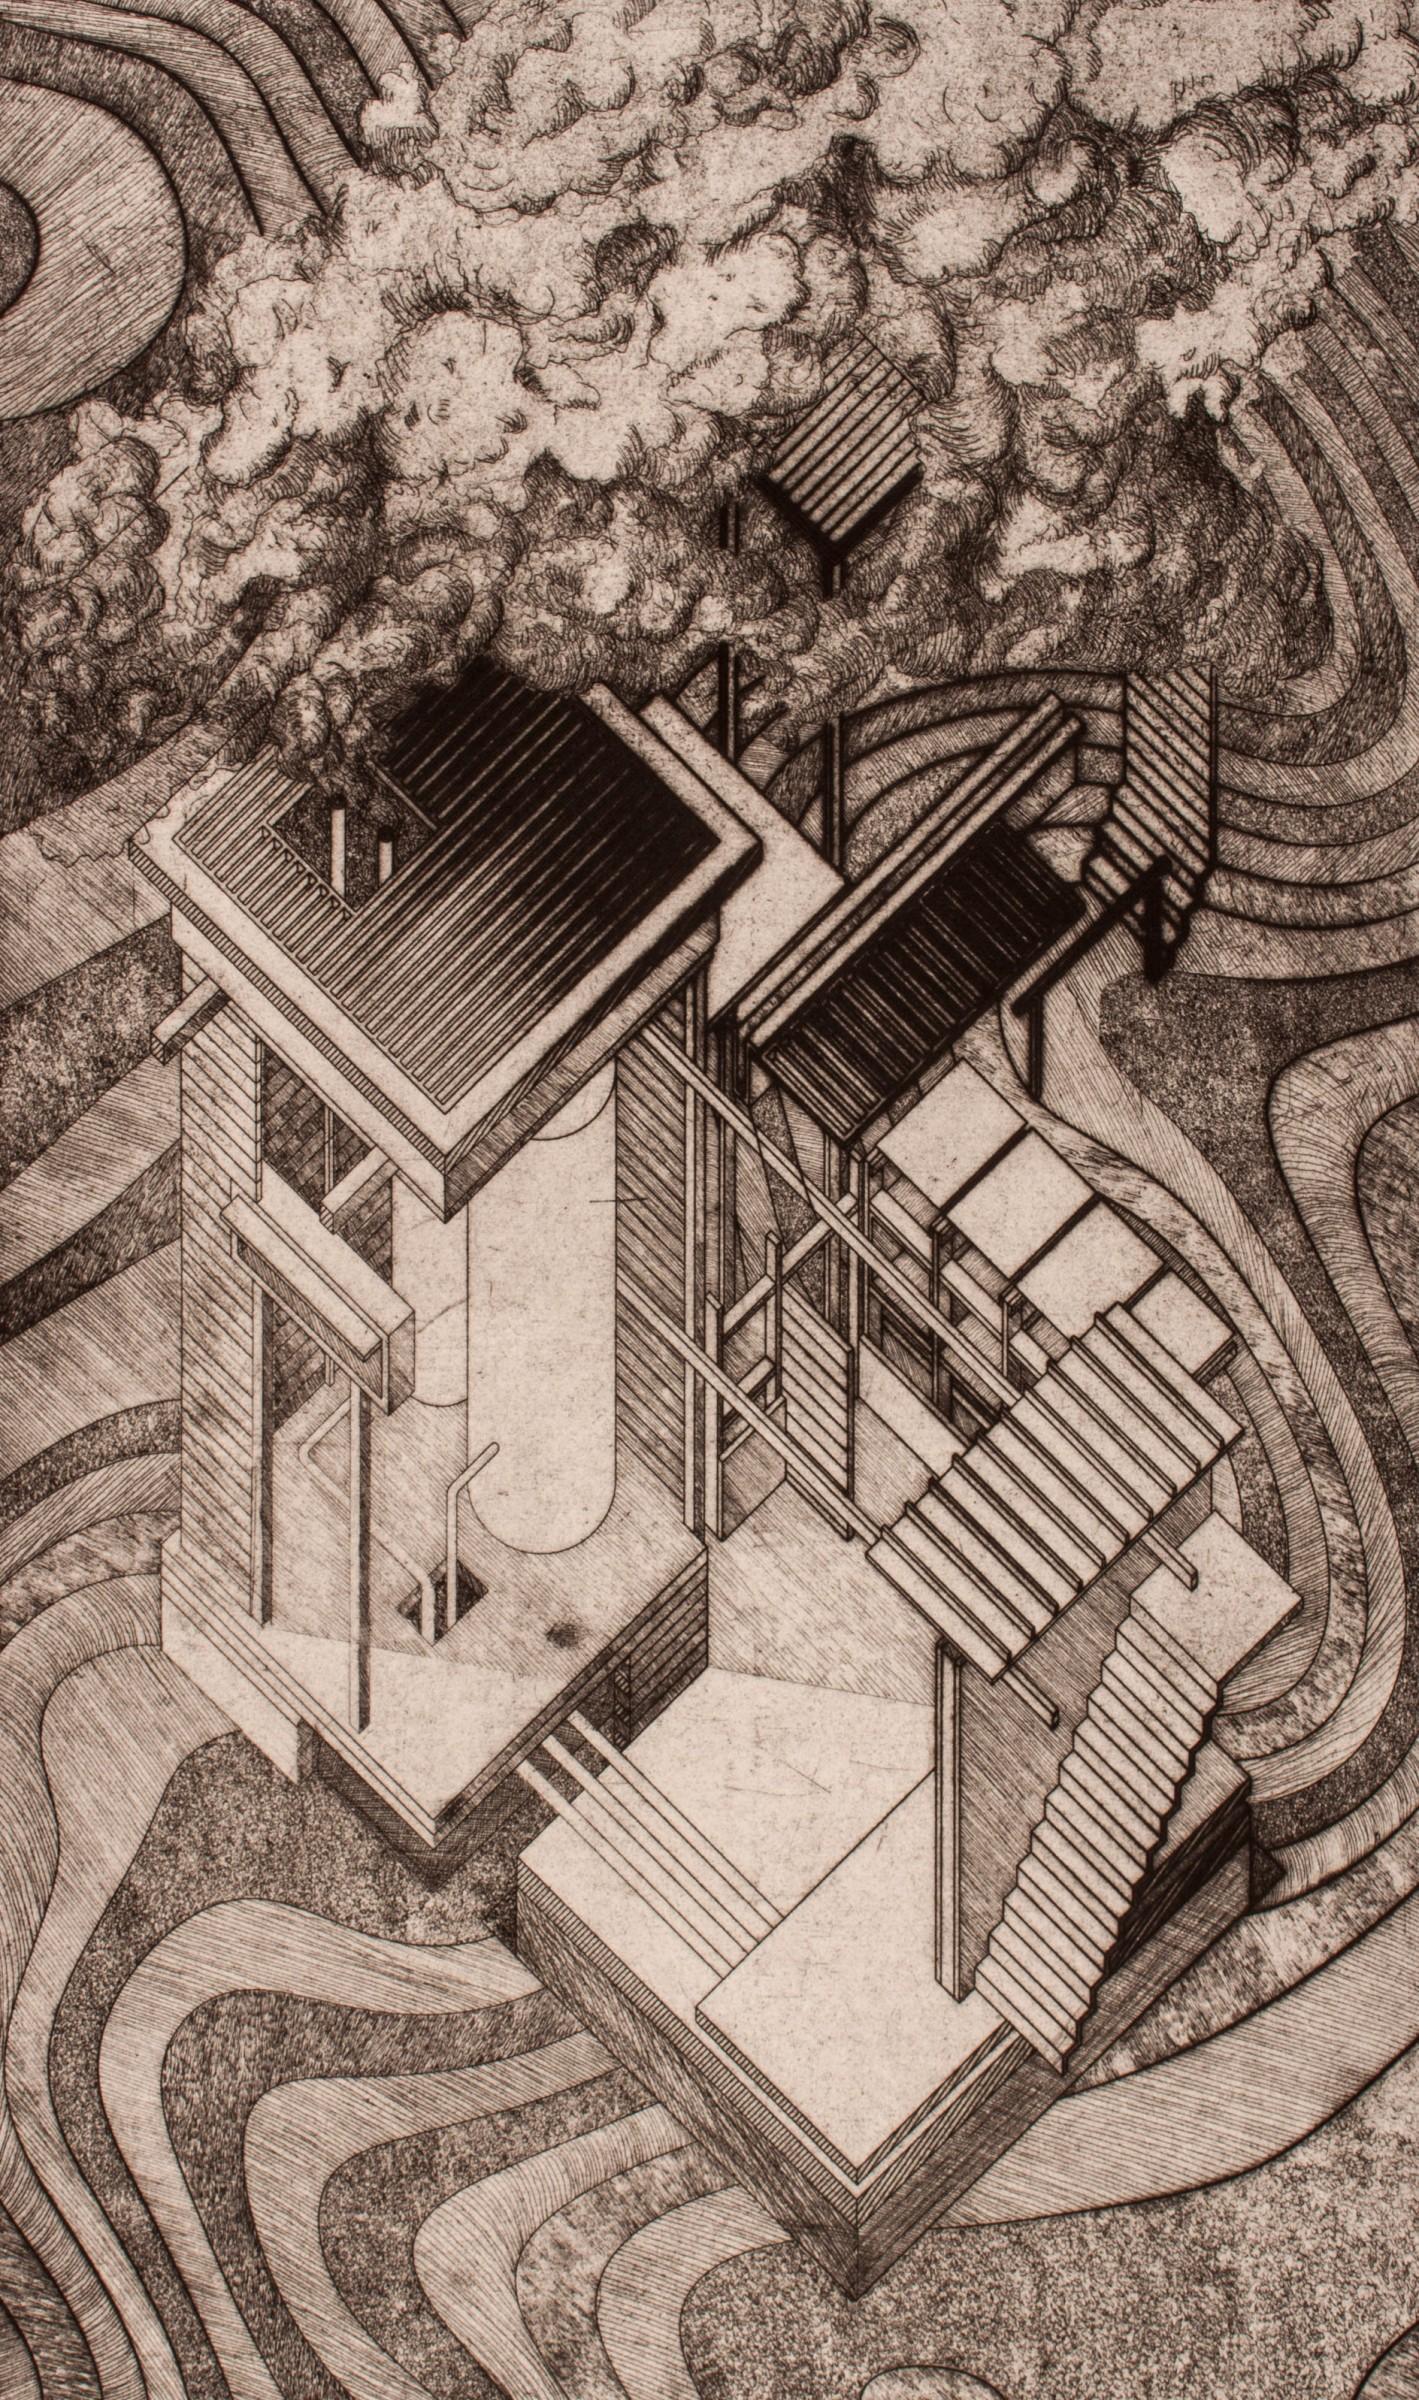 <span class=&#34;link fancybox-details-link&#34;><a href=&#34;/artists/151-rodolfo-acevedo-rodriguez-are/works/9764/&#34;>View Detail Page</a></span><div class=&#34;artist&#34;><span class=&#34;artist&#34;><strong>Rodolfo Acevedo Rodriguez ARE</strong></span></div><div class=&#34;title&#34;><em>Hestia's Boiler</em></div><div class=&#34;medium&#34;>etching</div>